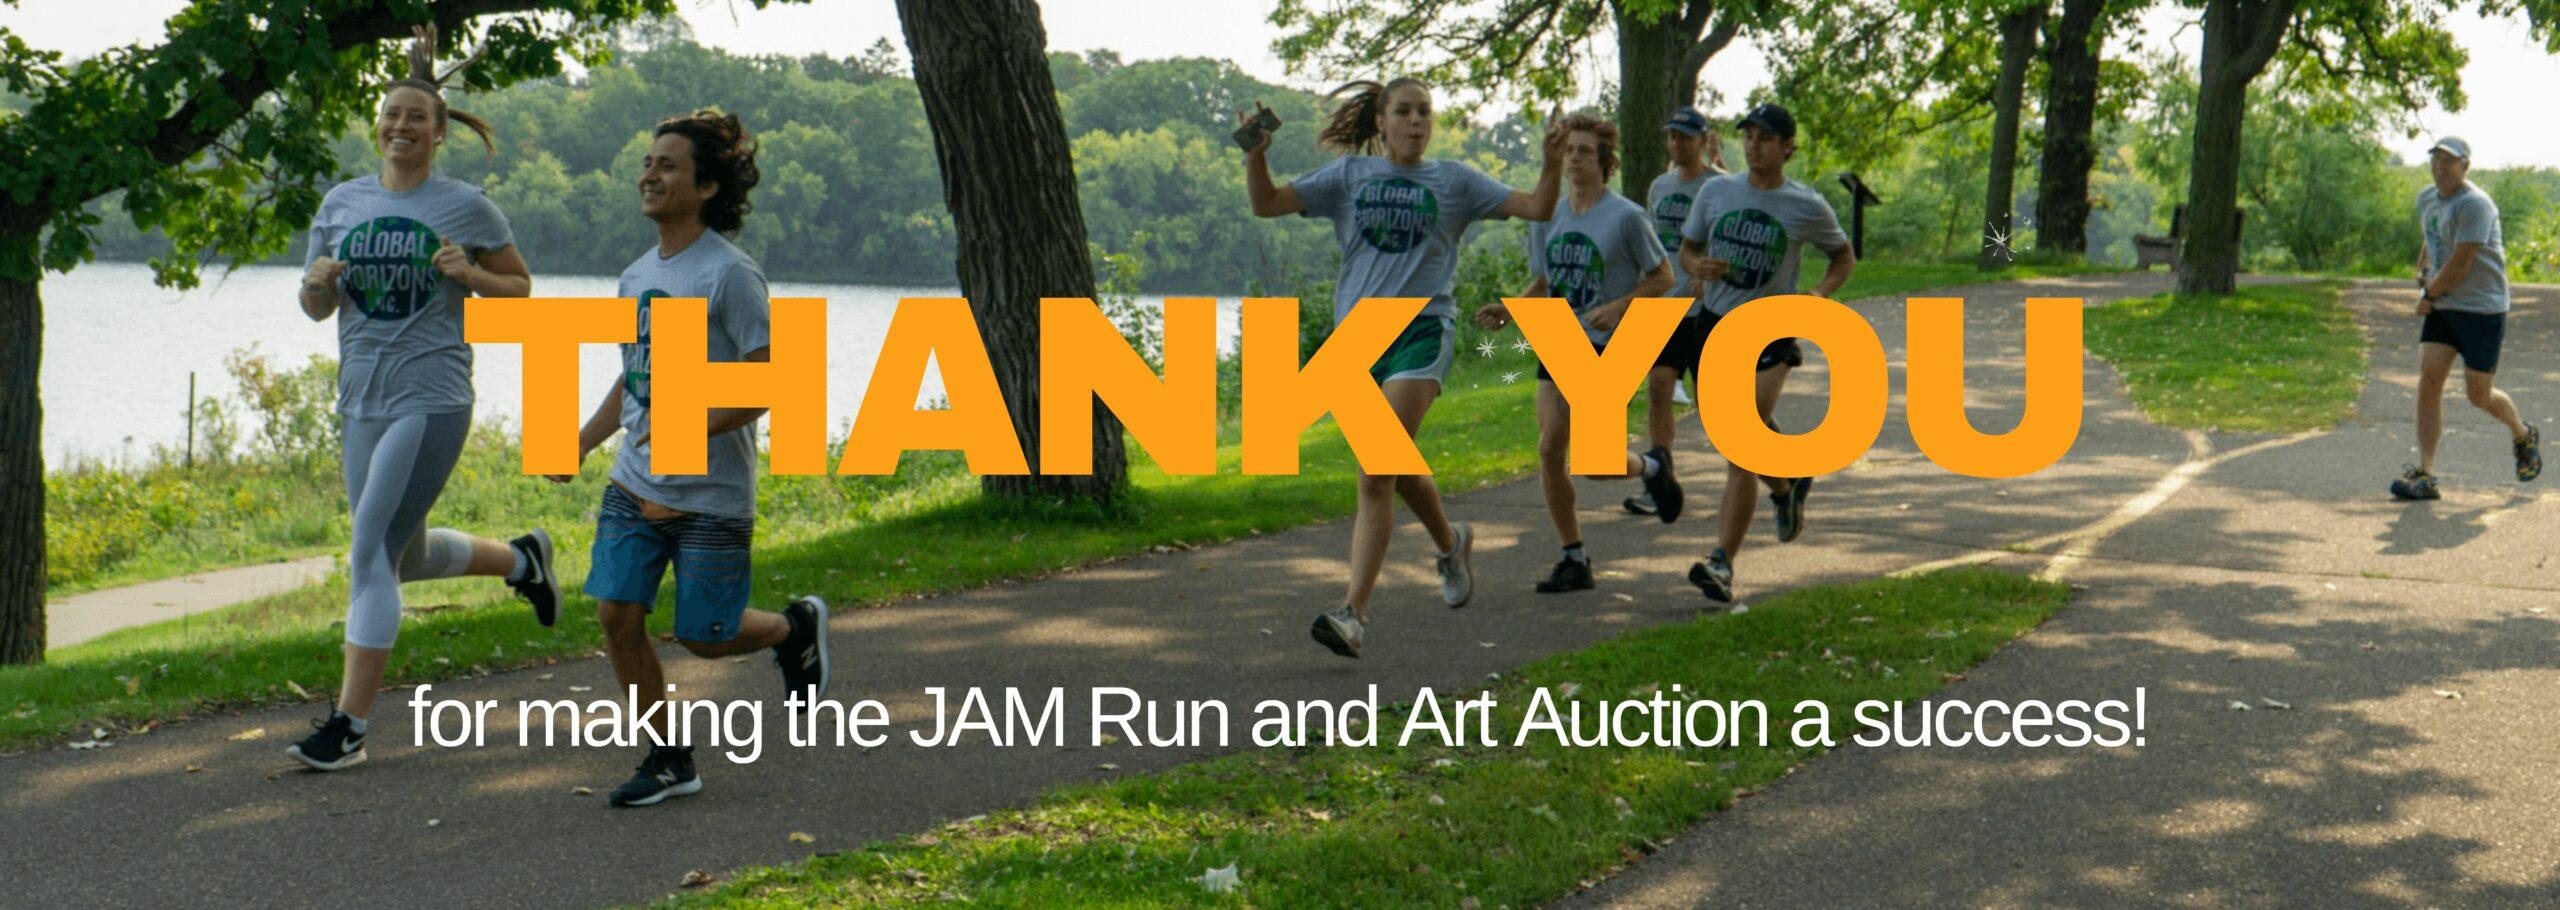 JAM Run 2021 Thank you (1)